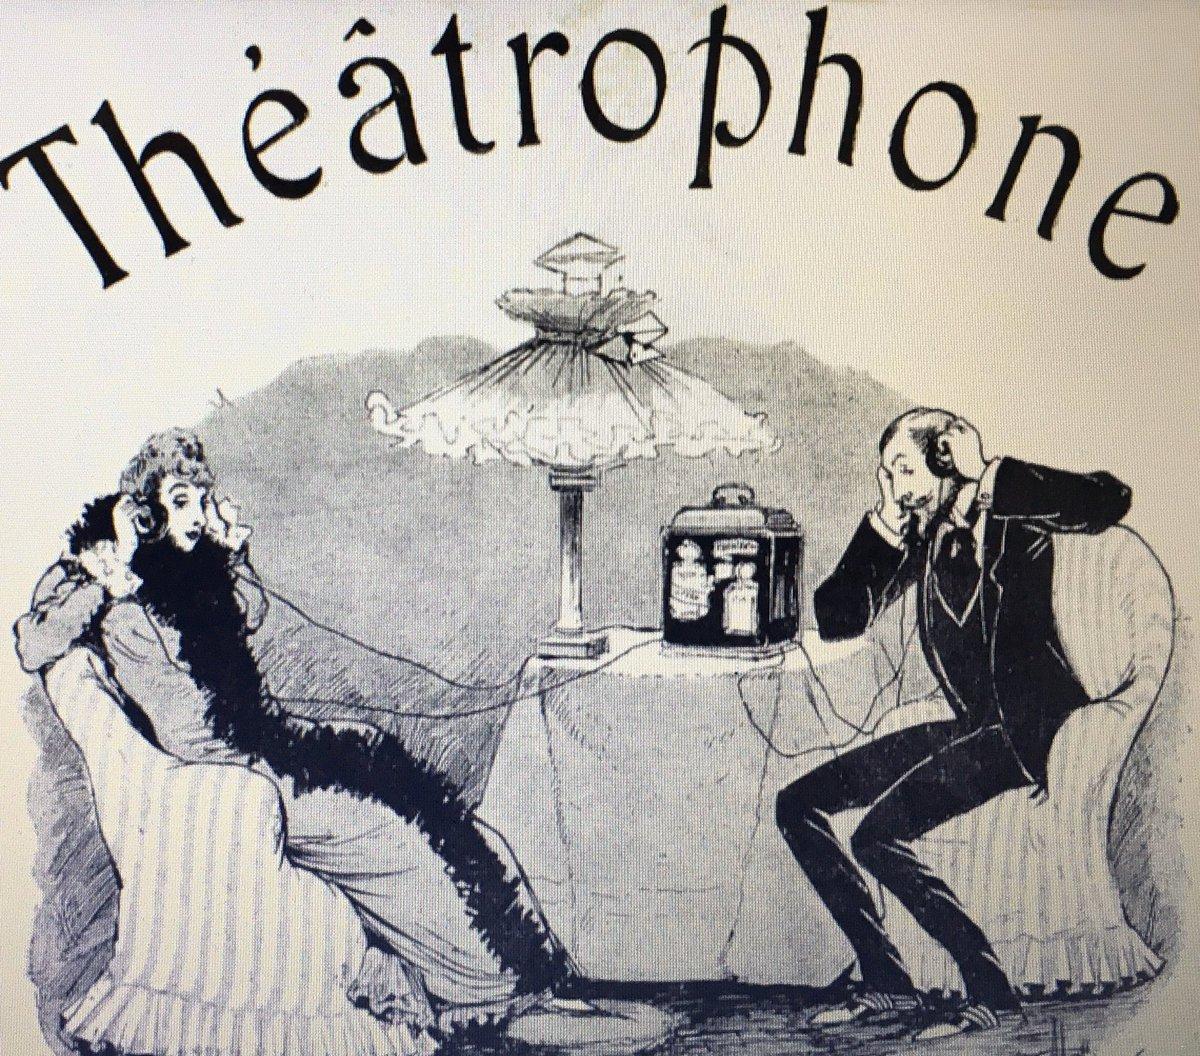 Teatrofone